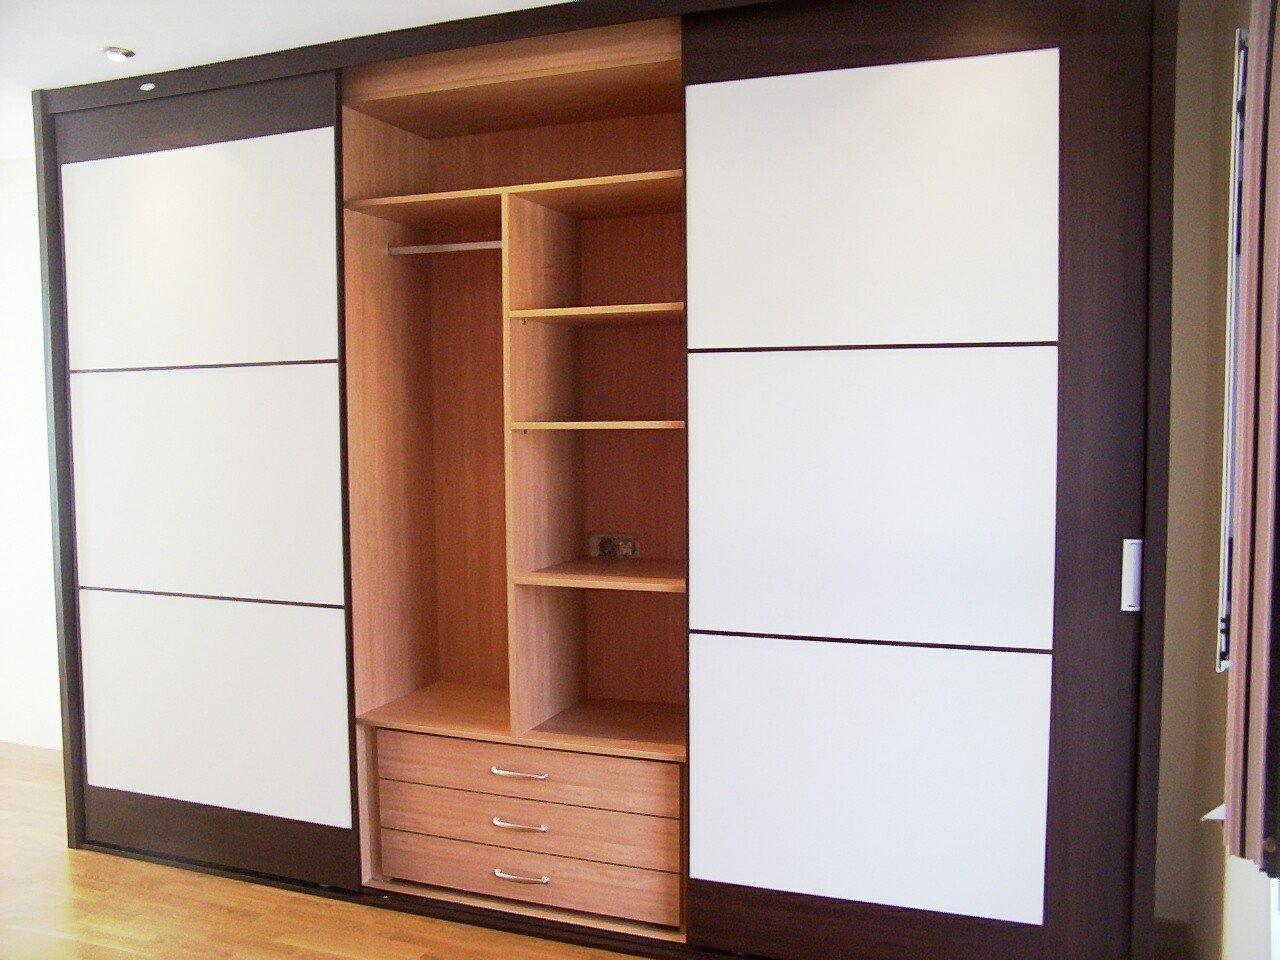 ventajas de un armario empotrado